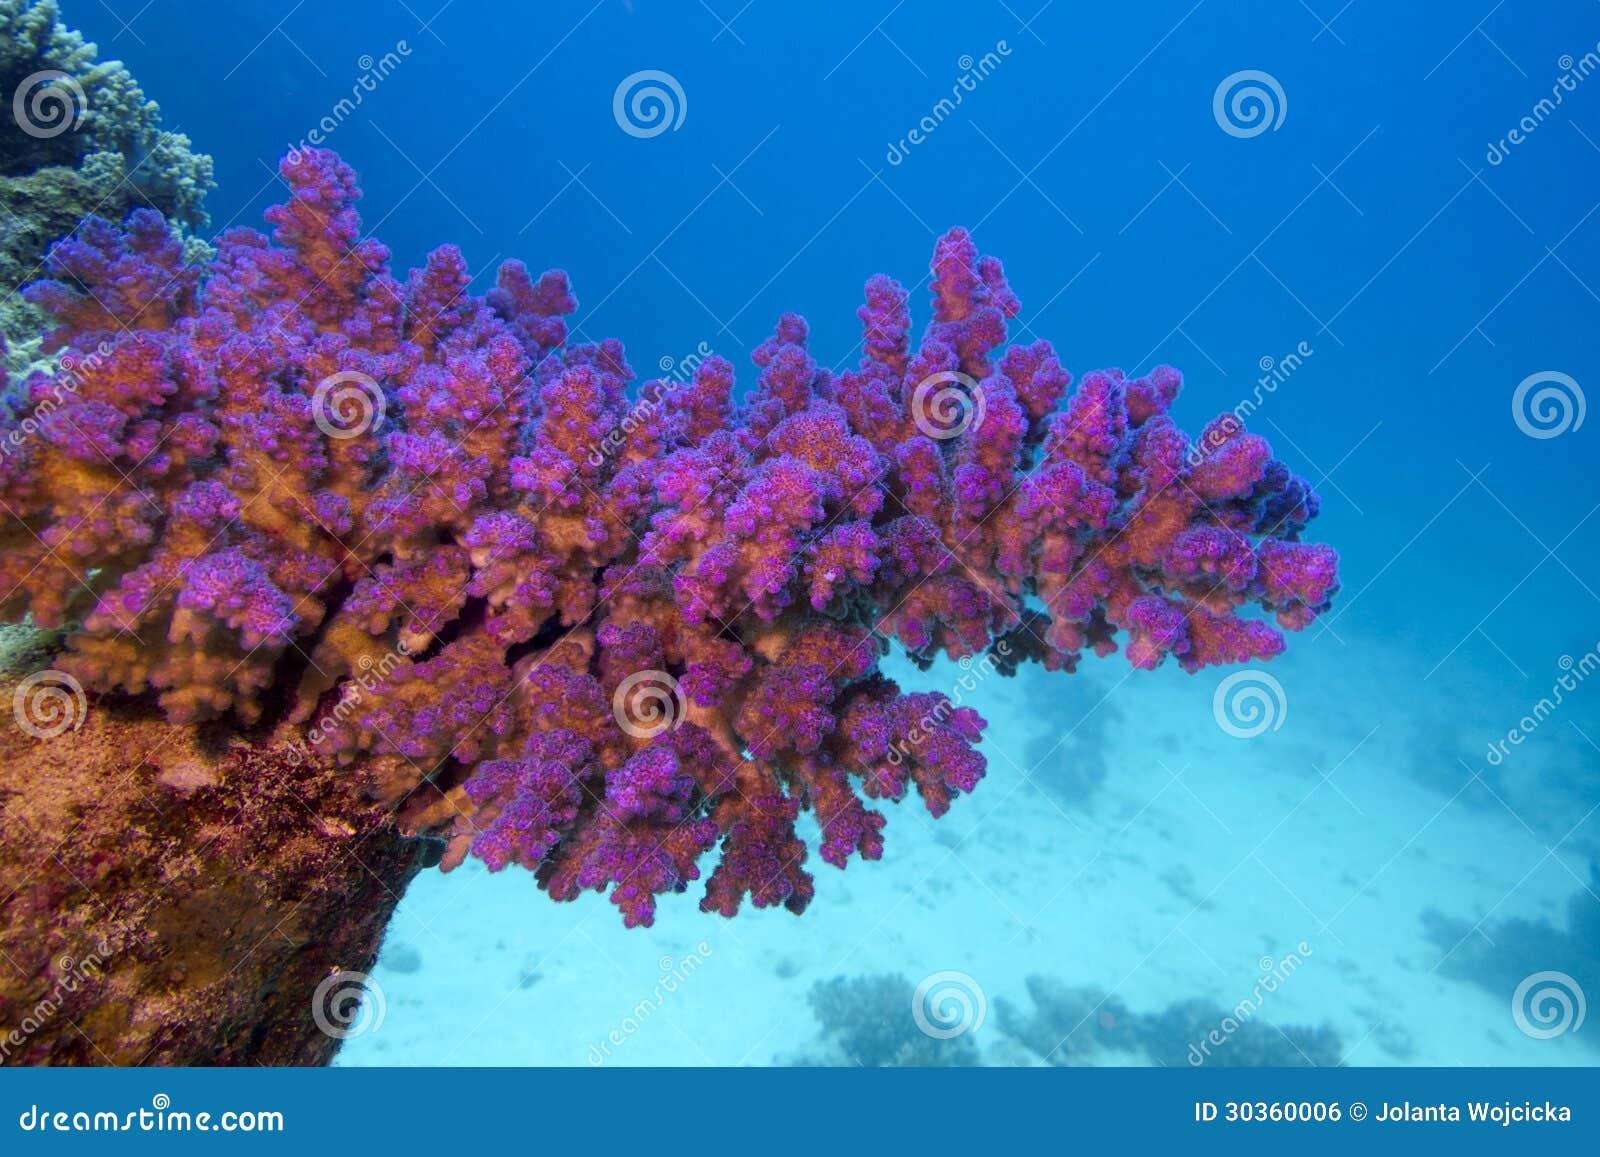 Récif coralien avec le corail rose de pocillopora au fond de la mer tropicale